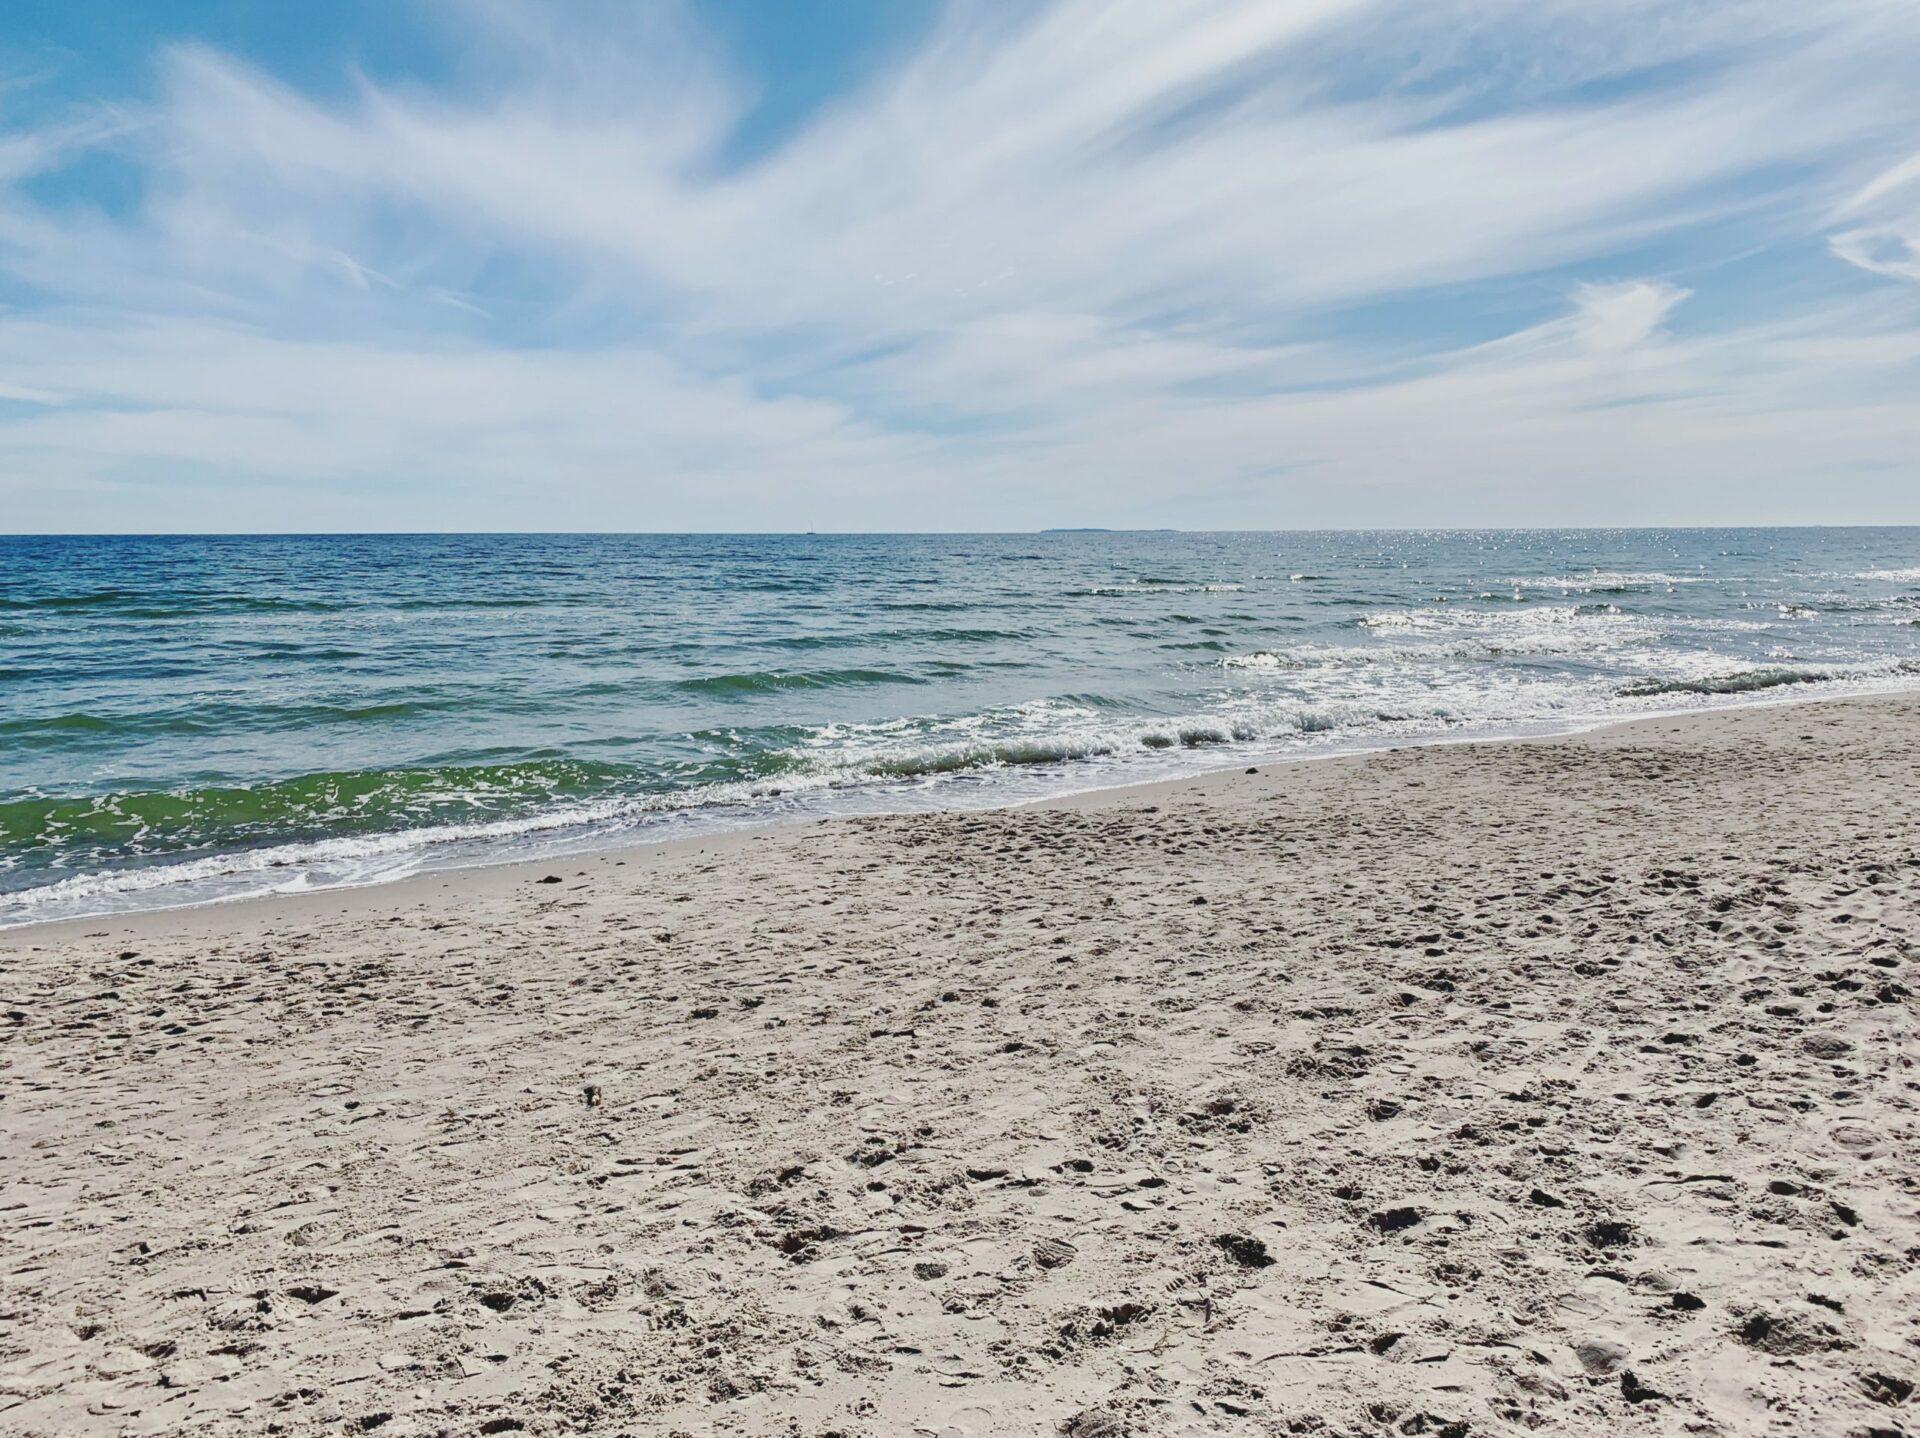 Mein 2019 – von Freiheit, Meer und Neuanfängen